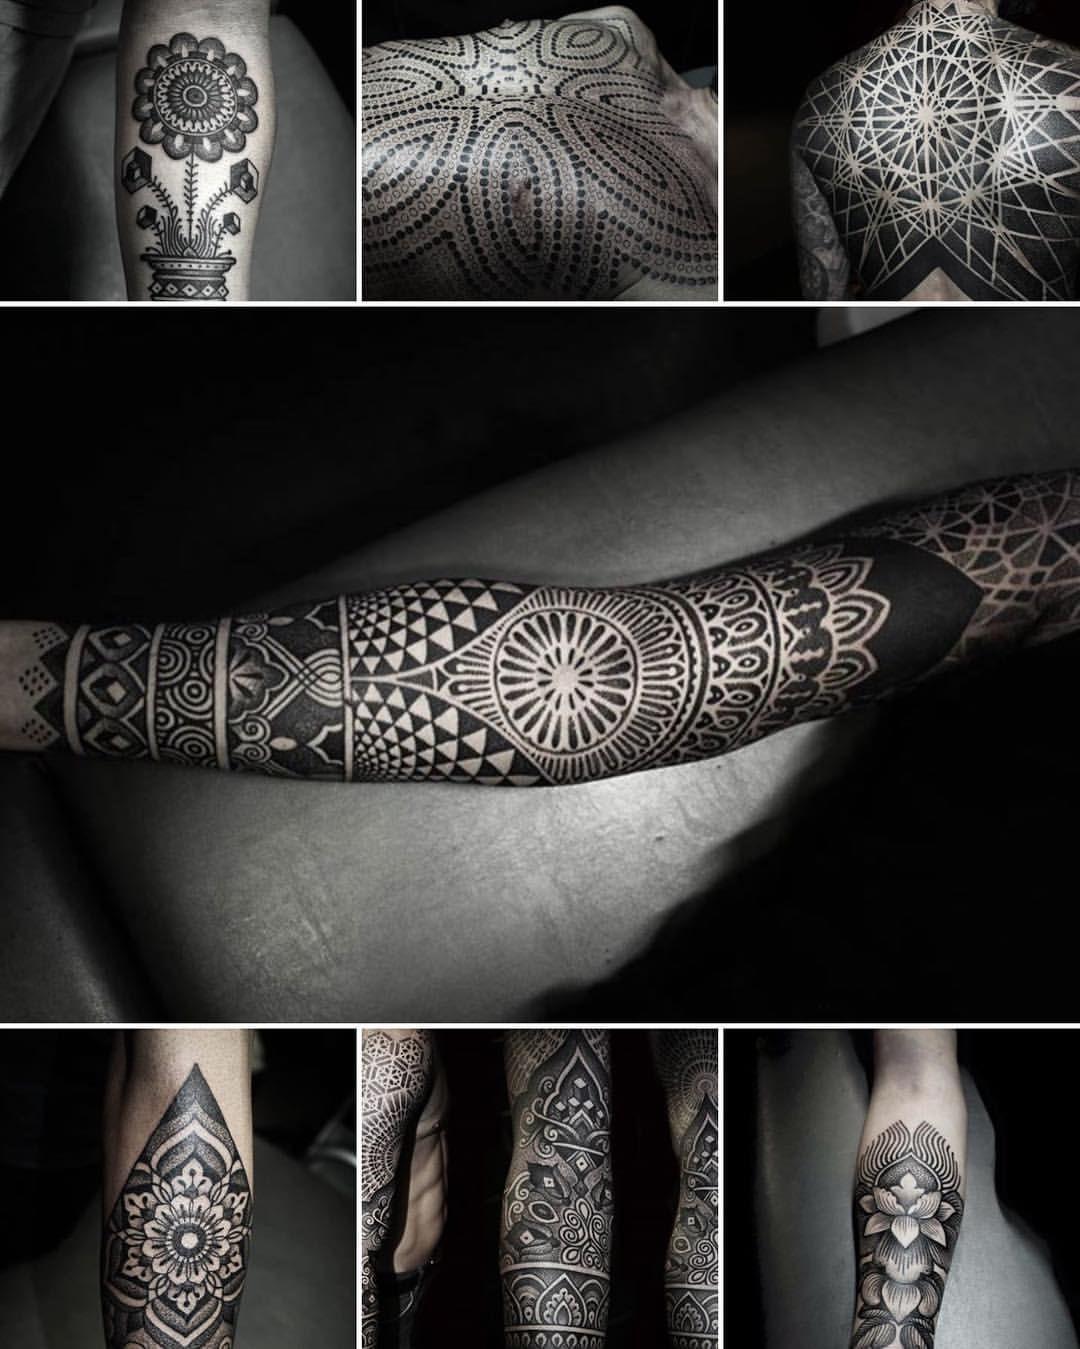 pingl par roch violet sur p51 ktr pinterest tatouage tatouage mandala homme et tatouage bras. Black Bedroom Furniture Sets. Home Design Ideas